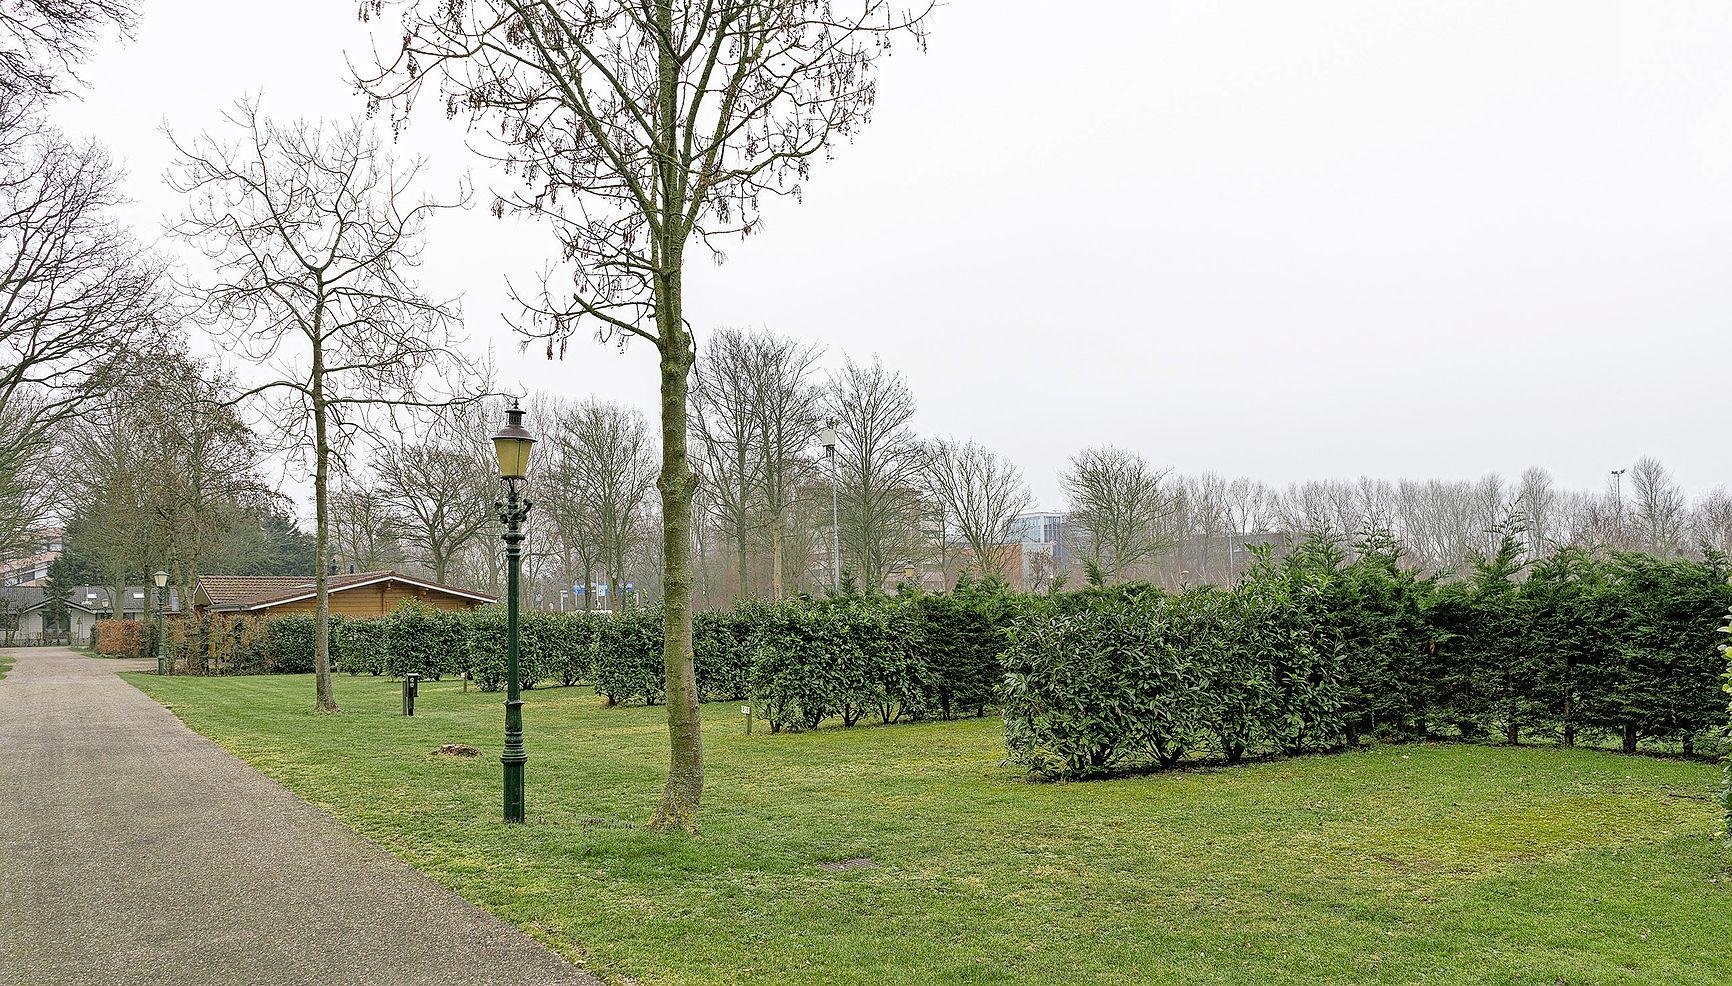 College krijgt verwijt 'sikkeneurig' te zijn en camping Alkmaar te laten verzuipen. 'Sinds wanneer bepalen andere gemeenten of een camping kan blijven of niet?' Raadsfracties eisen opheldering